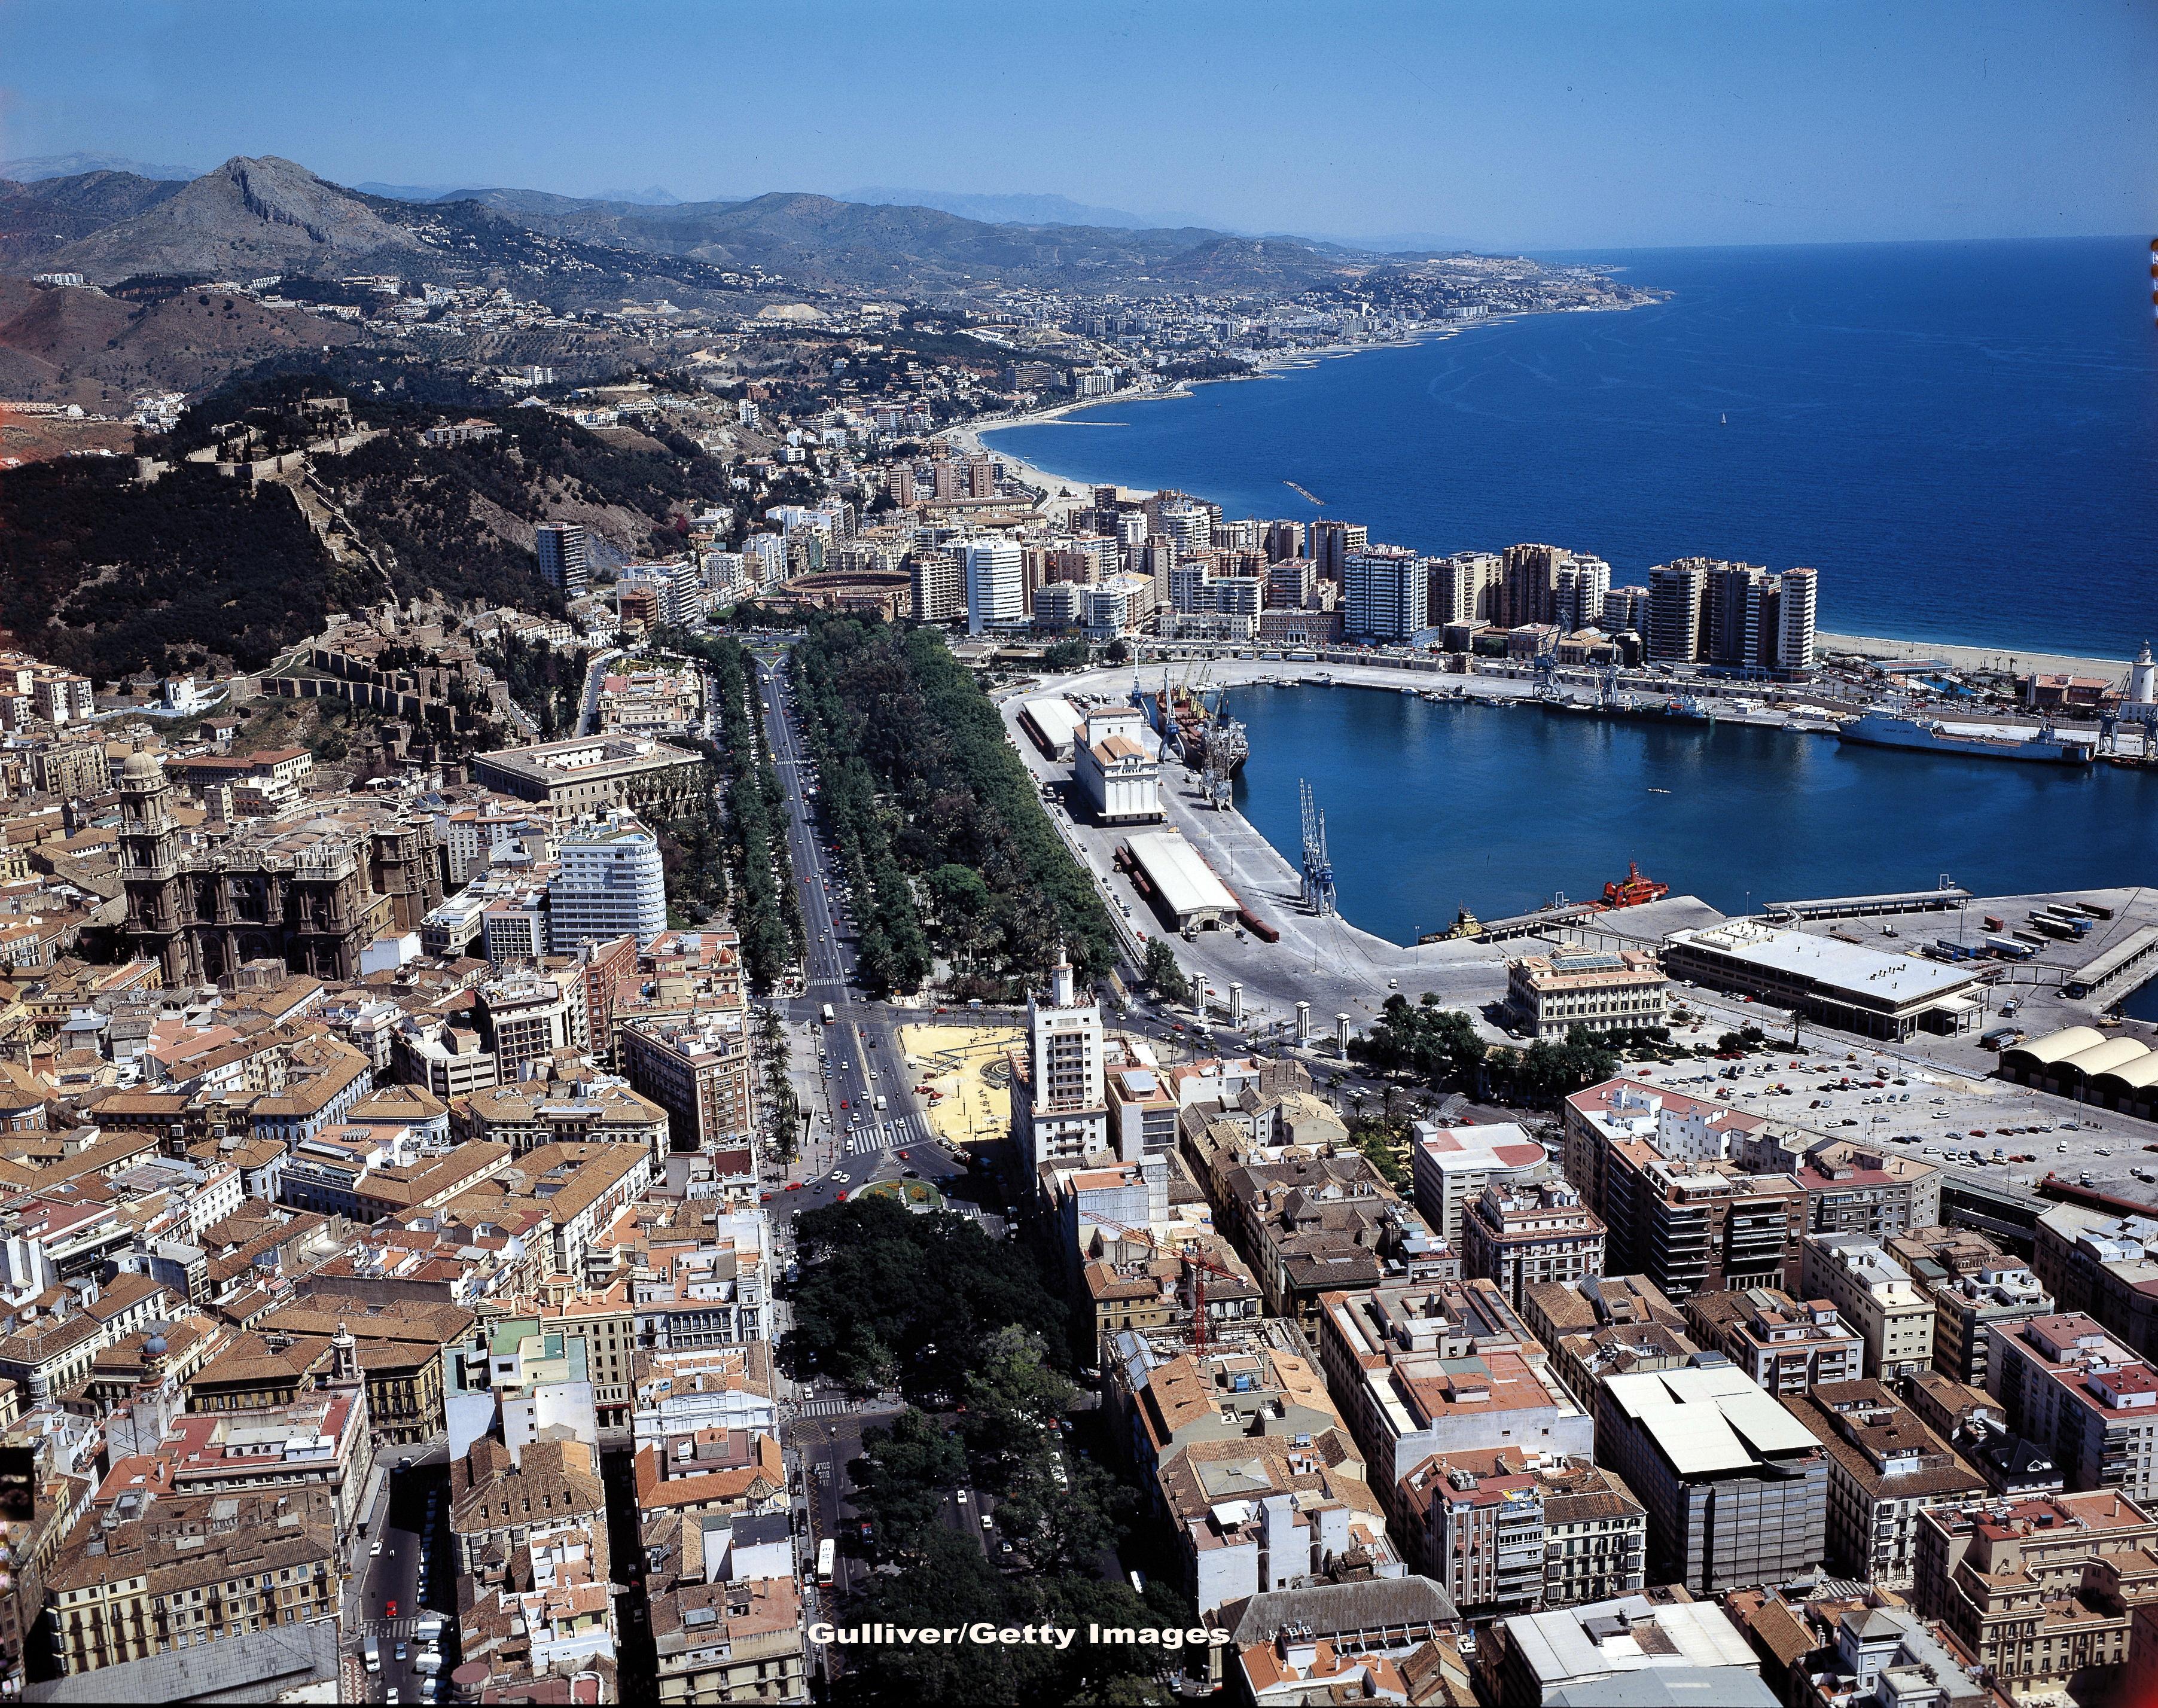 Riscul de atentate teroriste i-a gonit pe turisti din Tunisia sau Egipt. Care este acum tara preferata de europeni